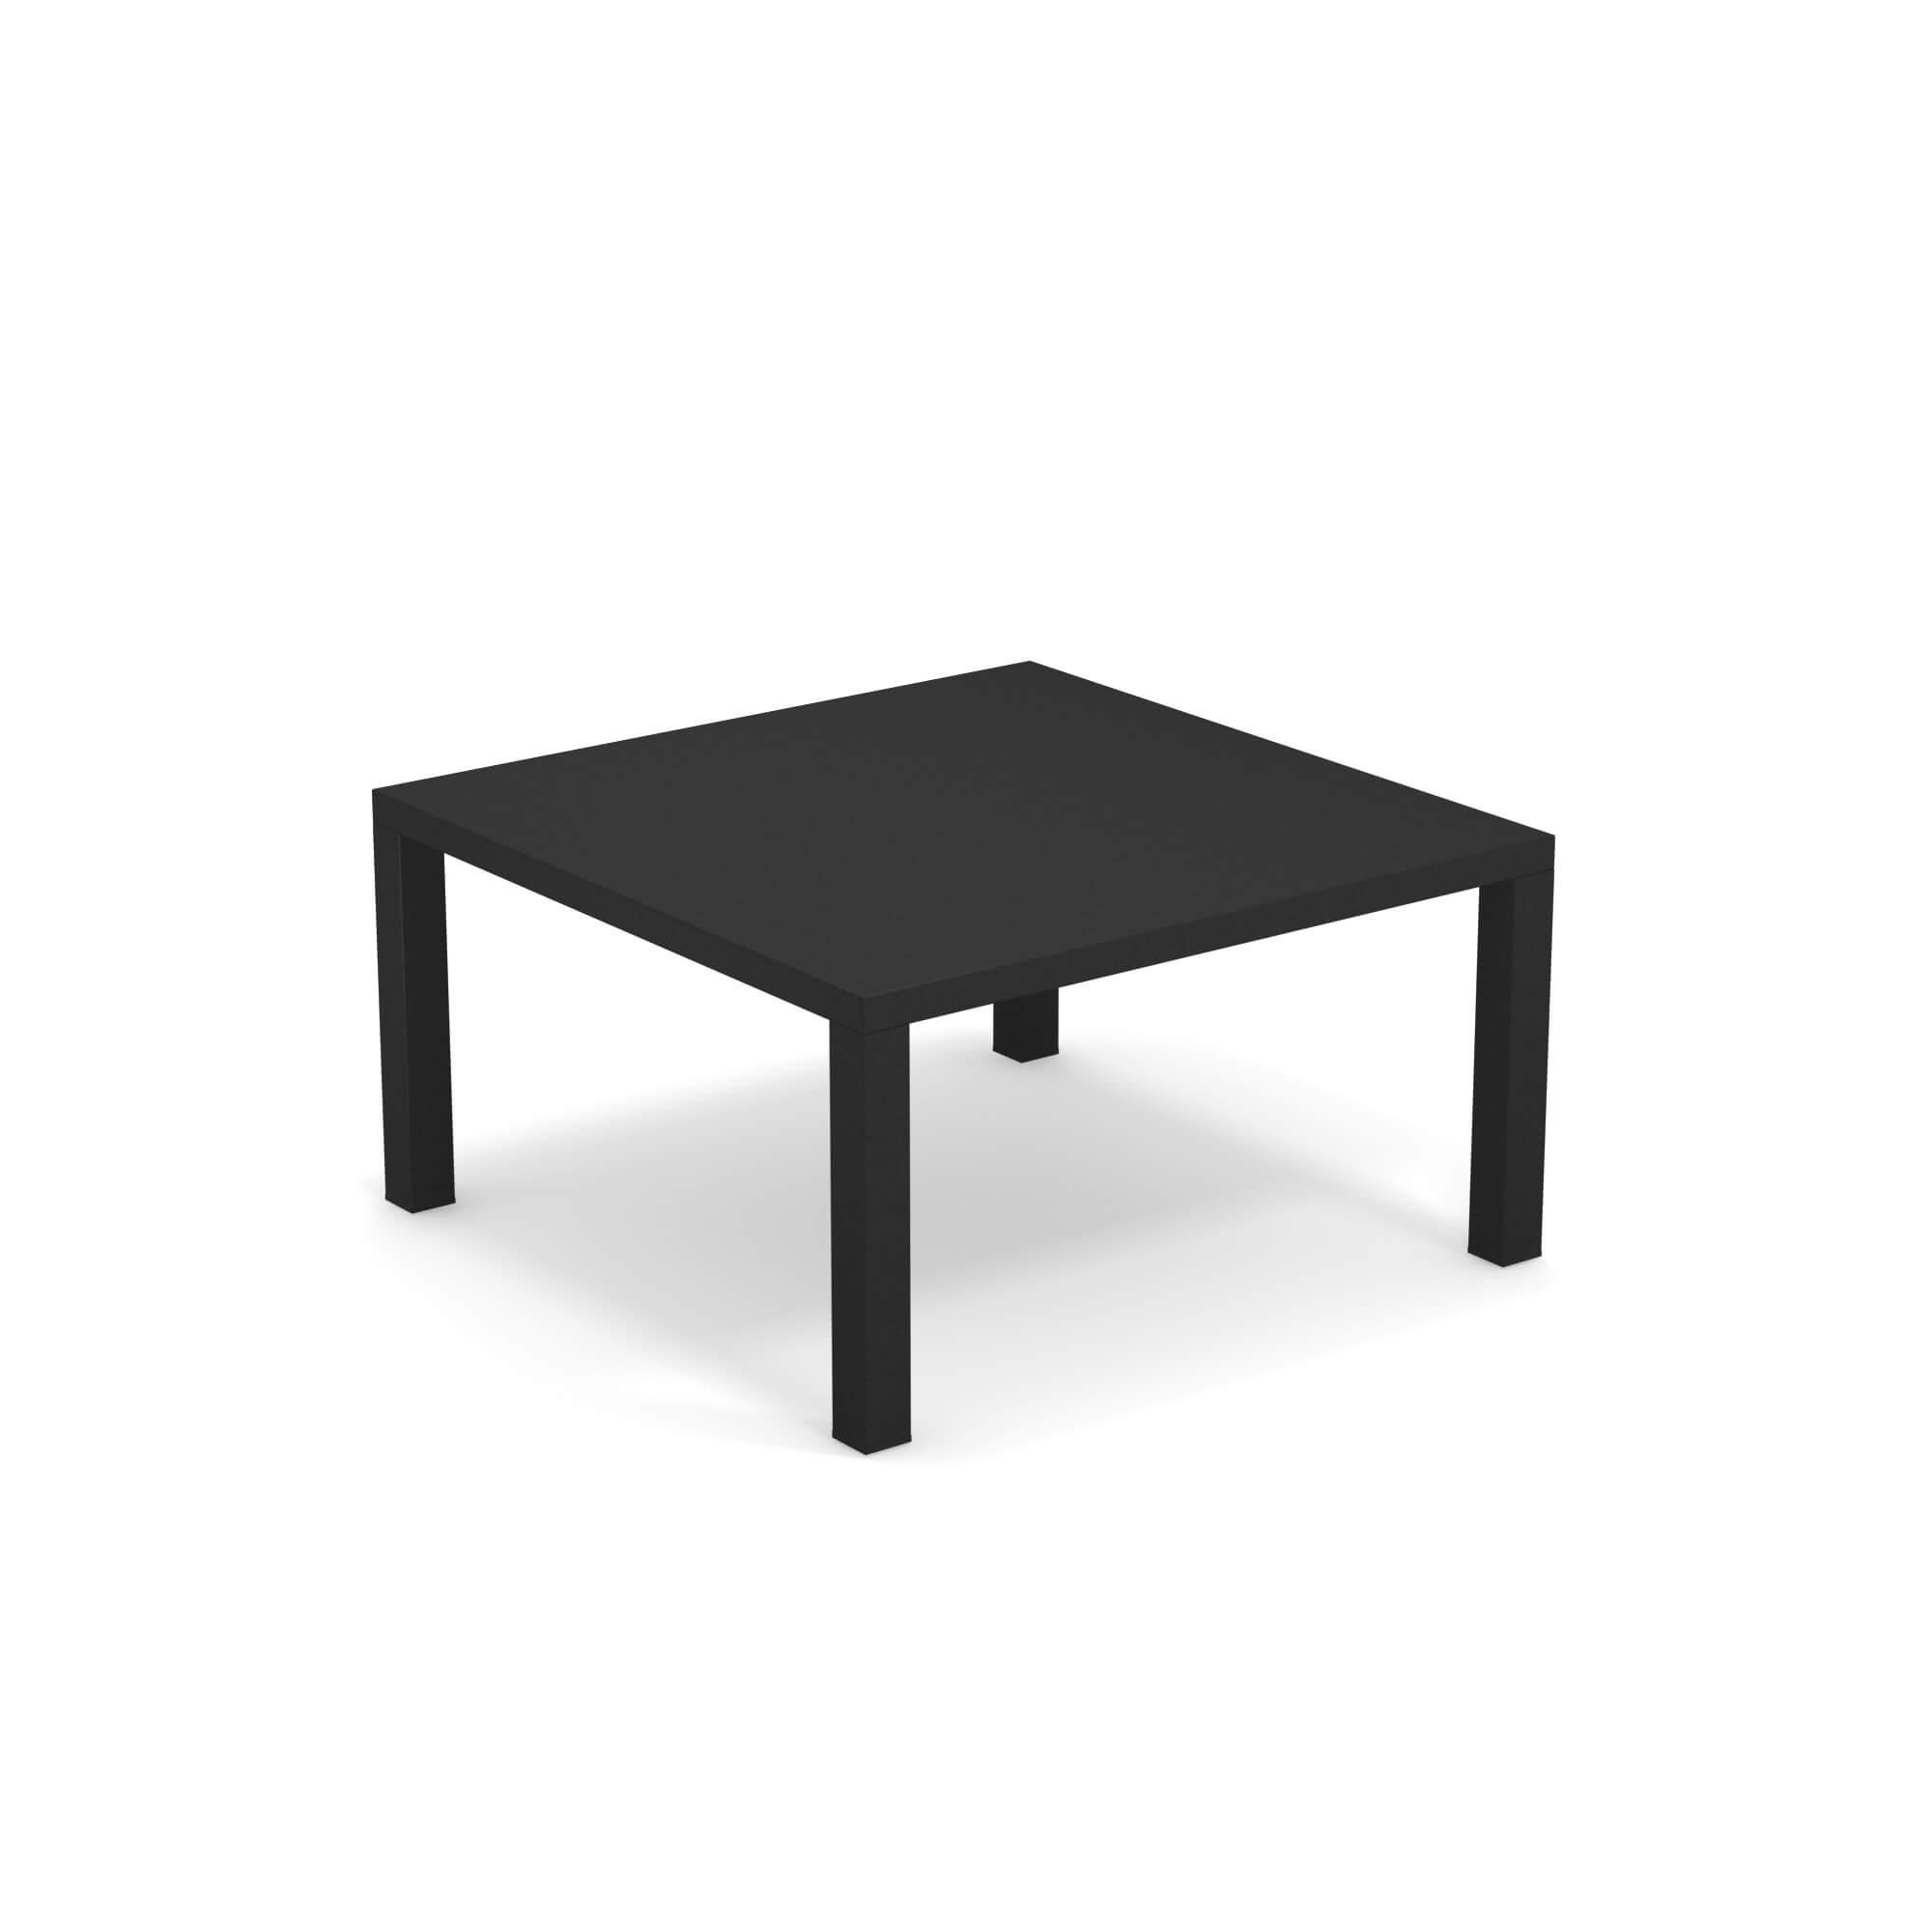 Garten Tisch Niedrig 80x80 Für Den Außenbereich Aus Stahl